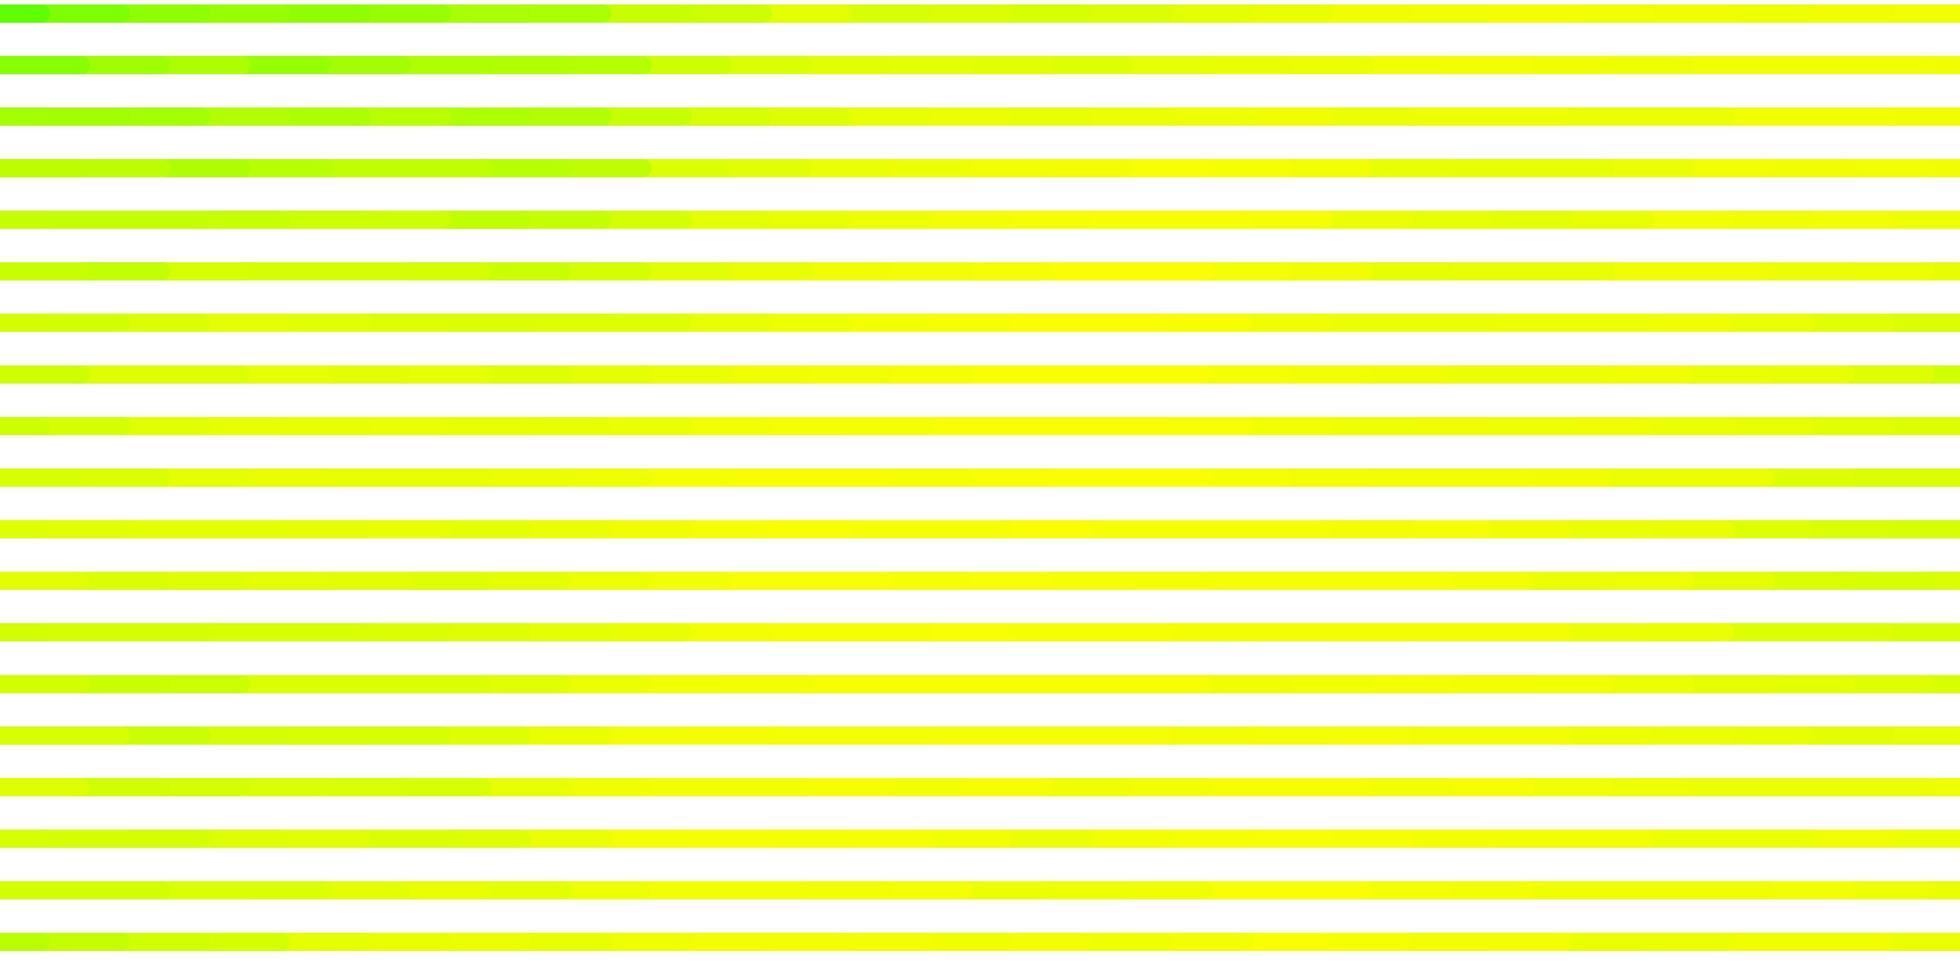 ljusgrön, gul vektor bakgrund med linjer.